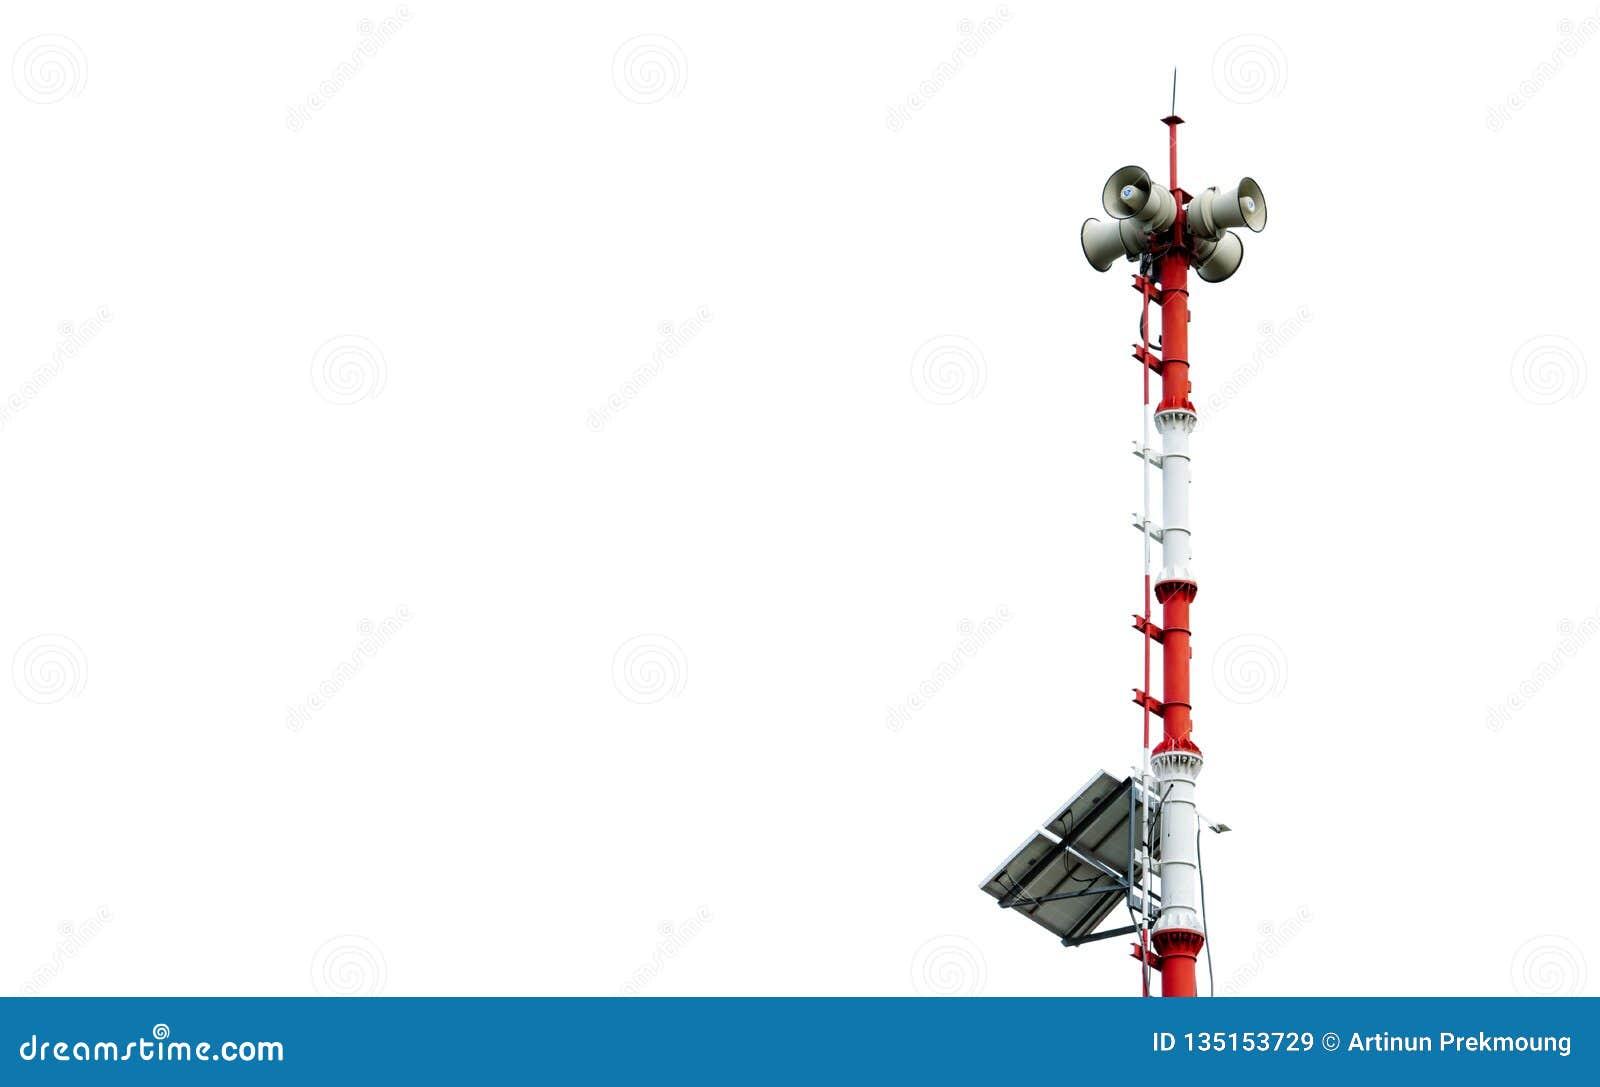 Het systeem van de Tsunamiwaarschuwing Uitzendingstoren met zonnepanelen Pool van Tsunami-waarschuwingssysteem bij strand De waar